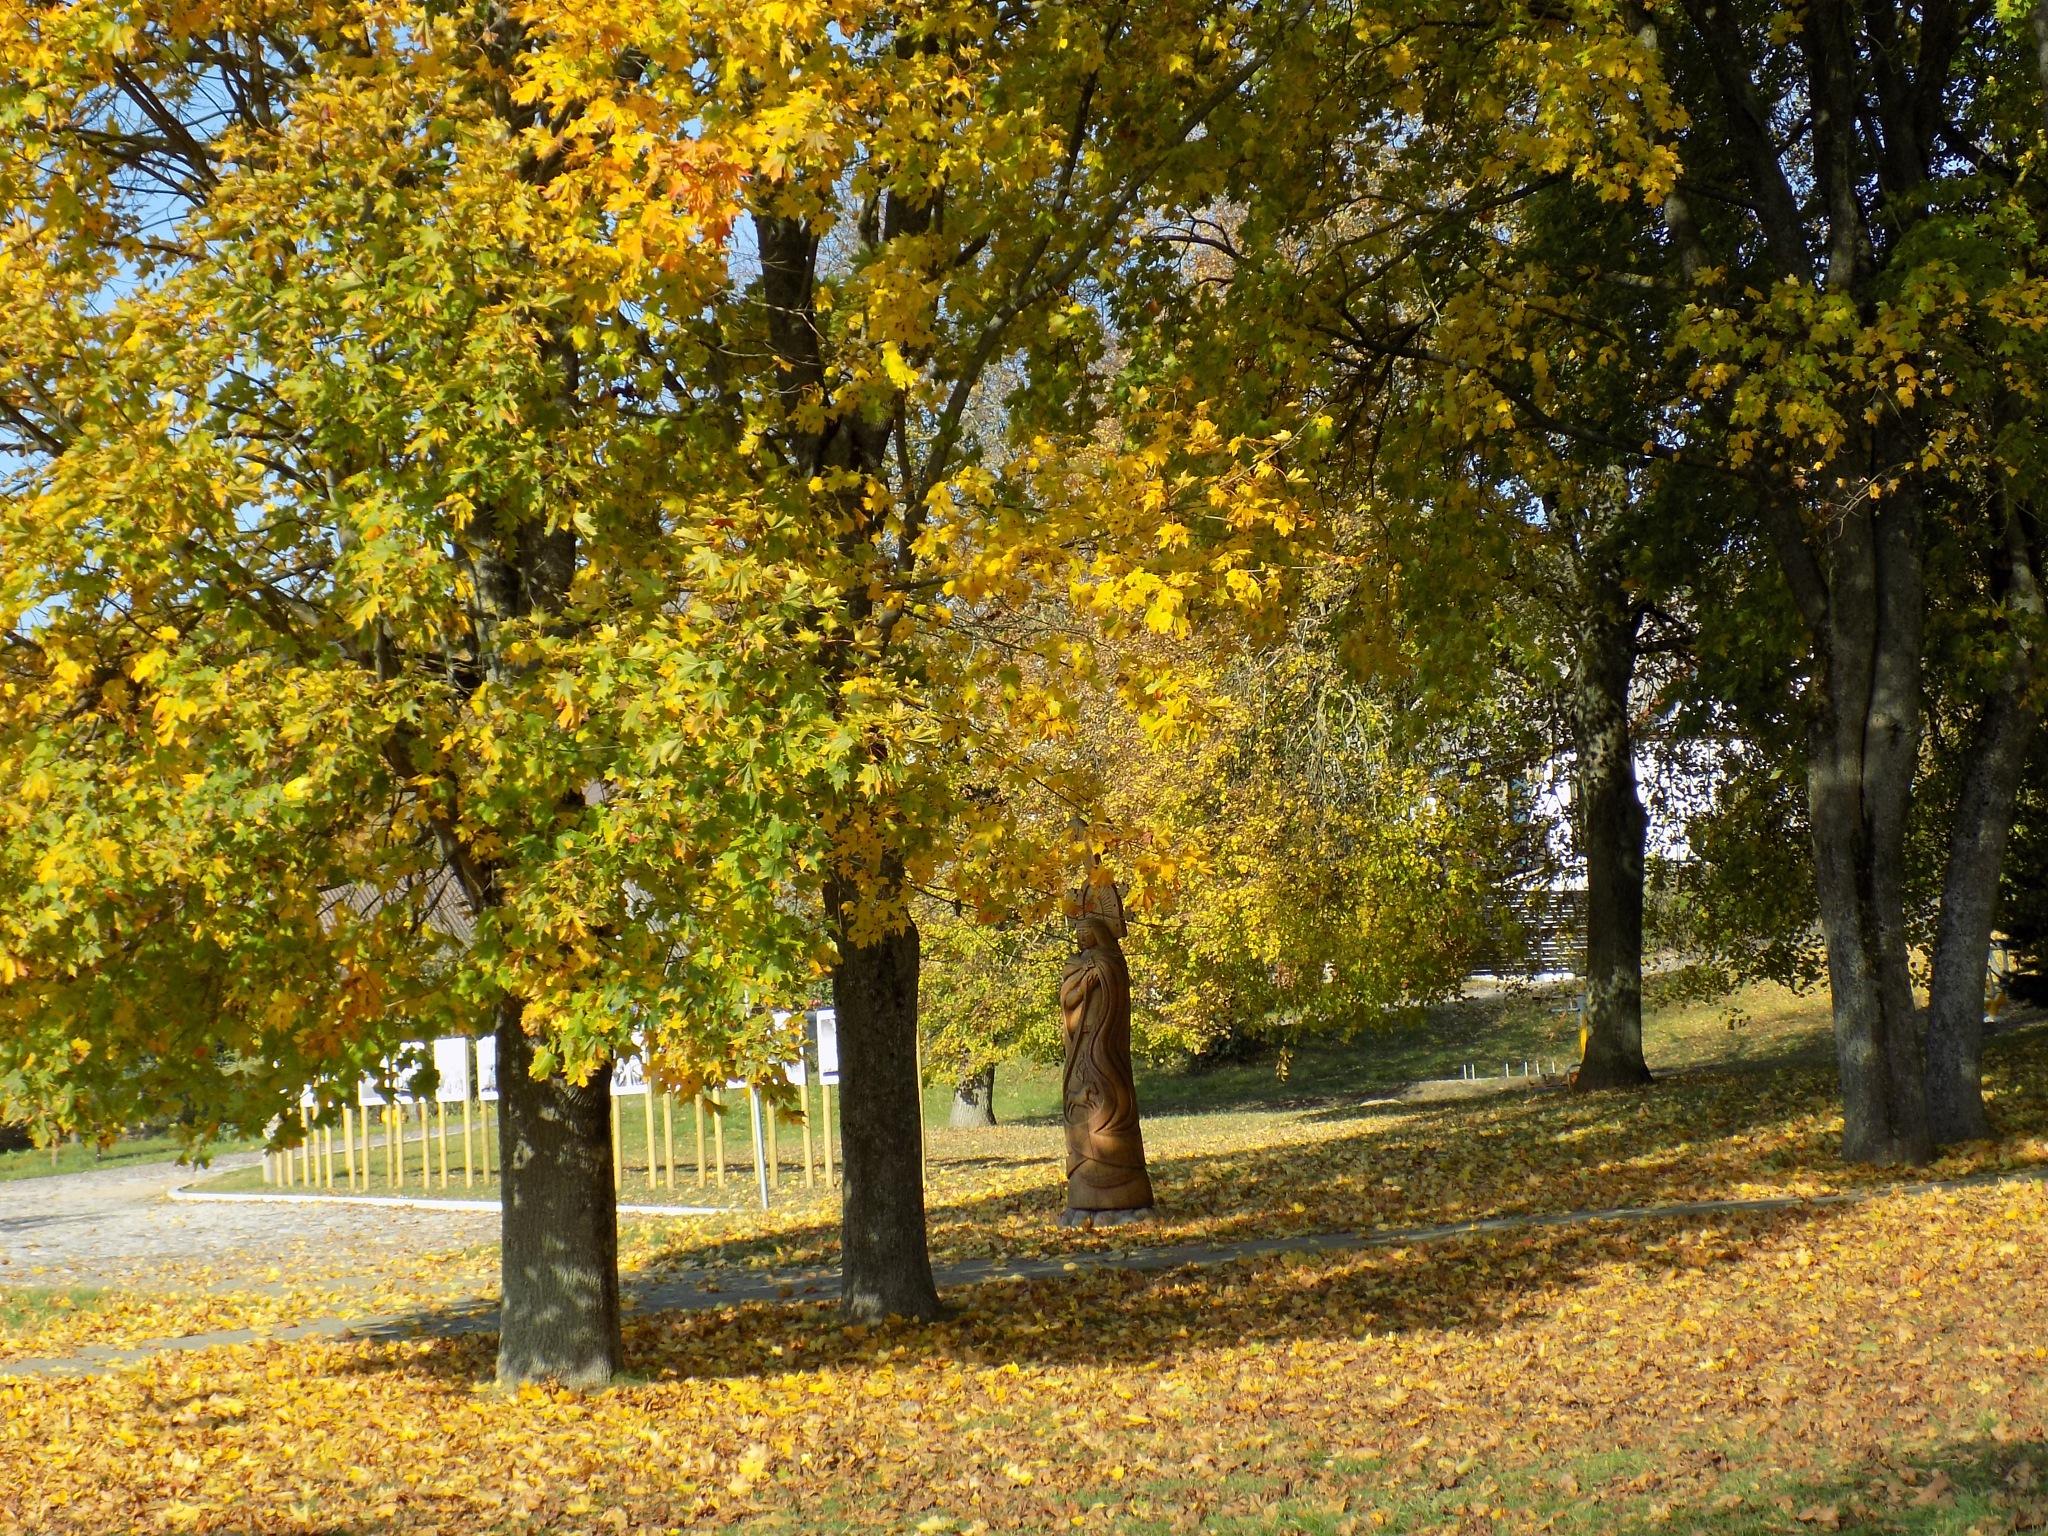 Park in the autumn by uzkuraitiene62